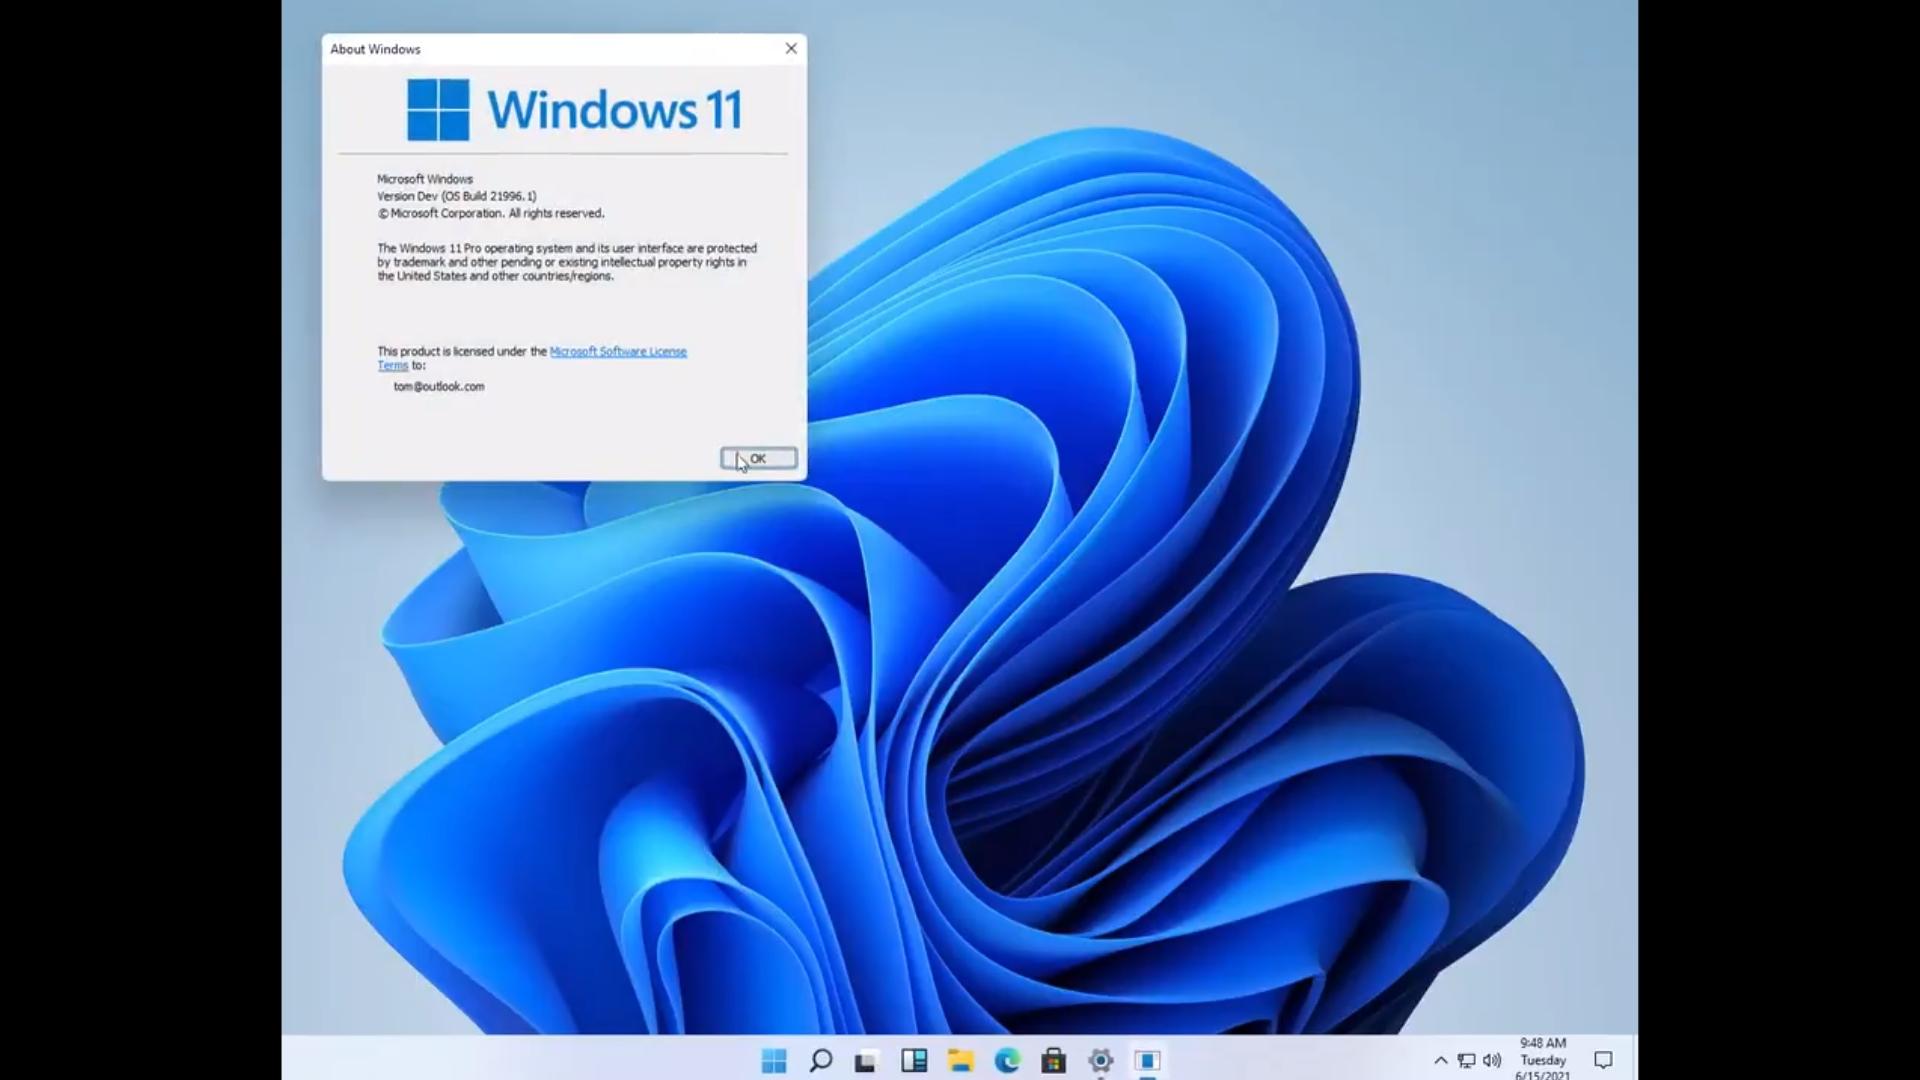 Windows 11: Se filtra un vídeo con las primeras imágenes y muchas novedades